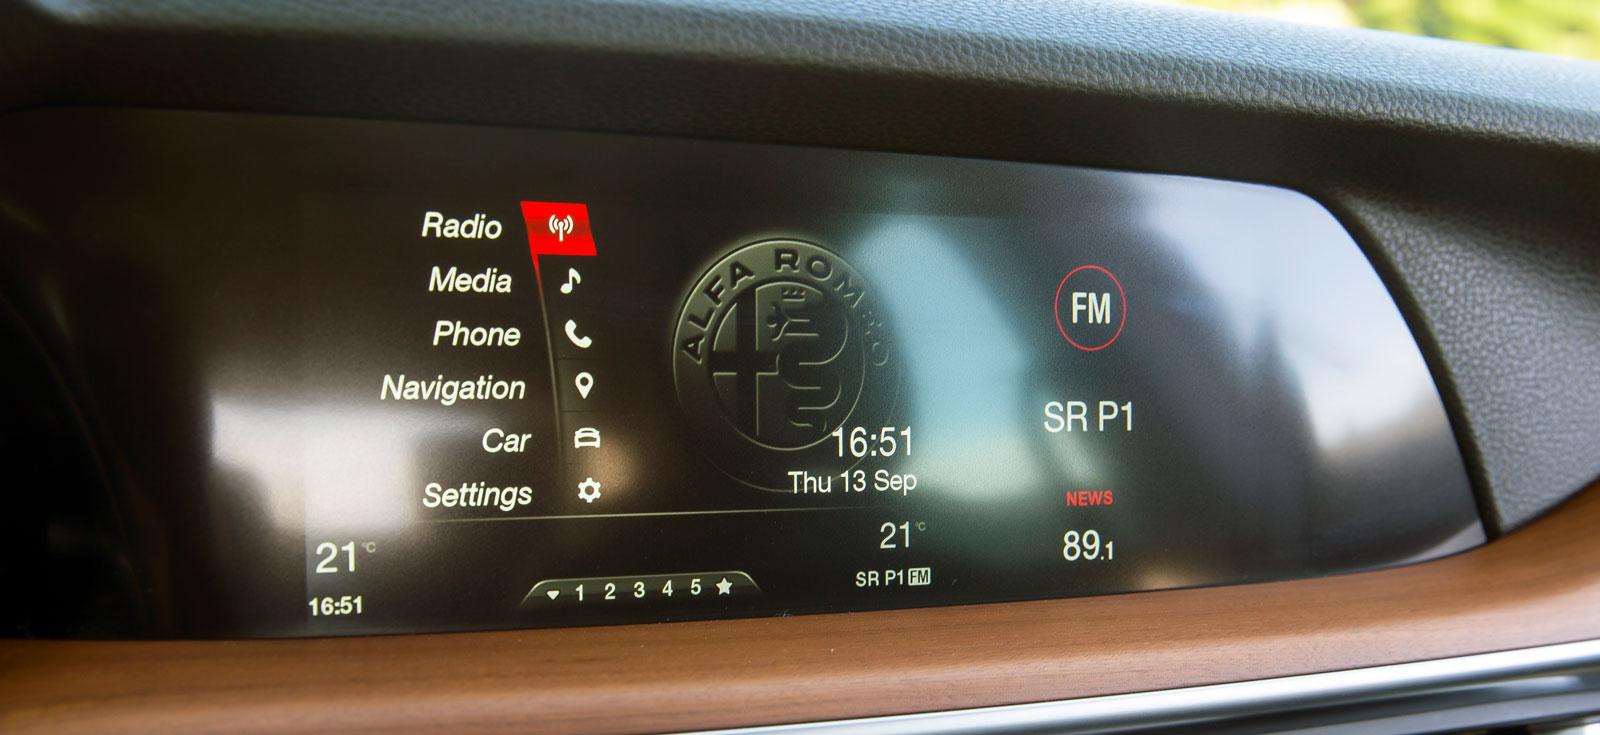 De viktigaste funktionerna finns men lika mångfacetterat som i BMW och Volvo är det inte i Alfa. Låg skärm ger begränsad ruttvisning på kartan.